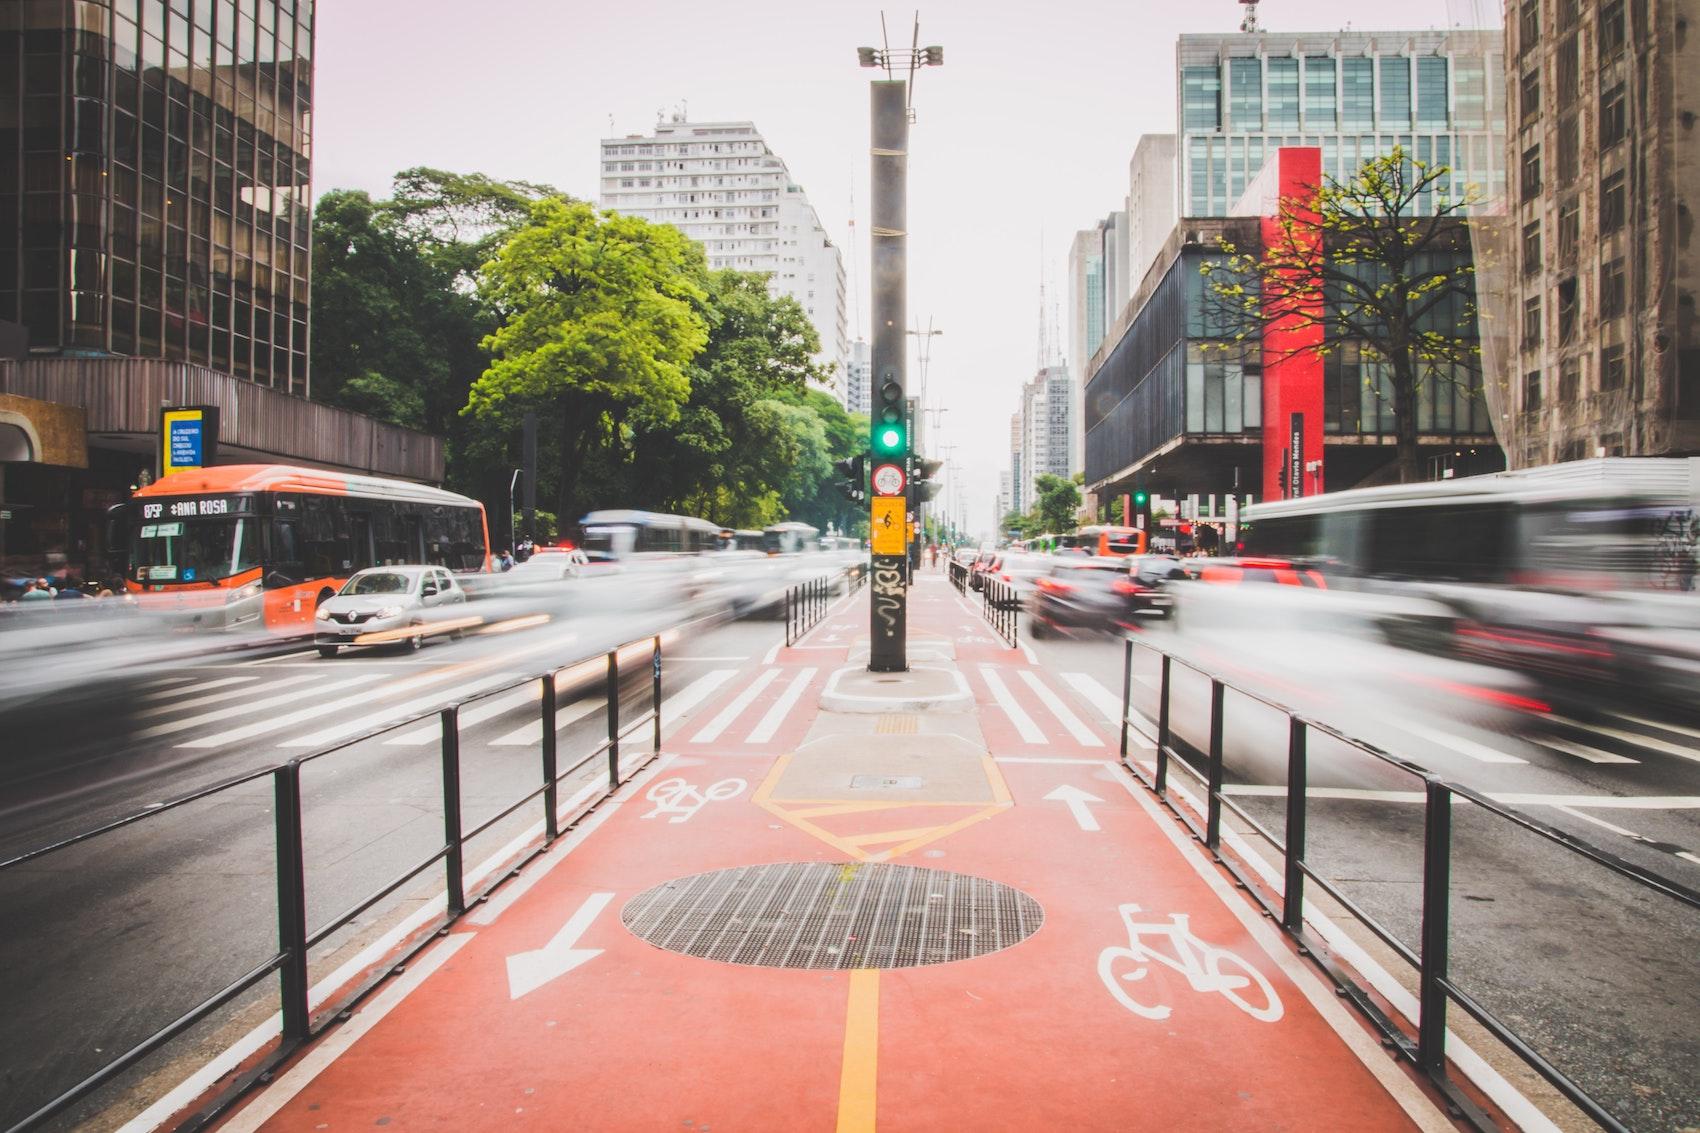 Urbanismo e smart cities: a visão da arquitetura sobre cidades inteligentes